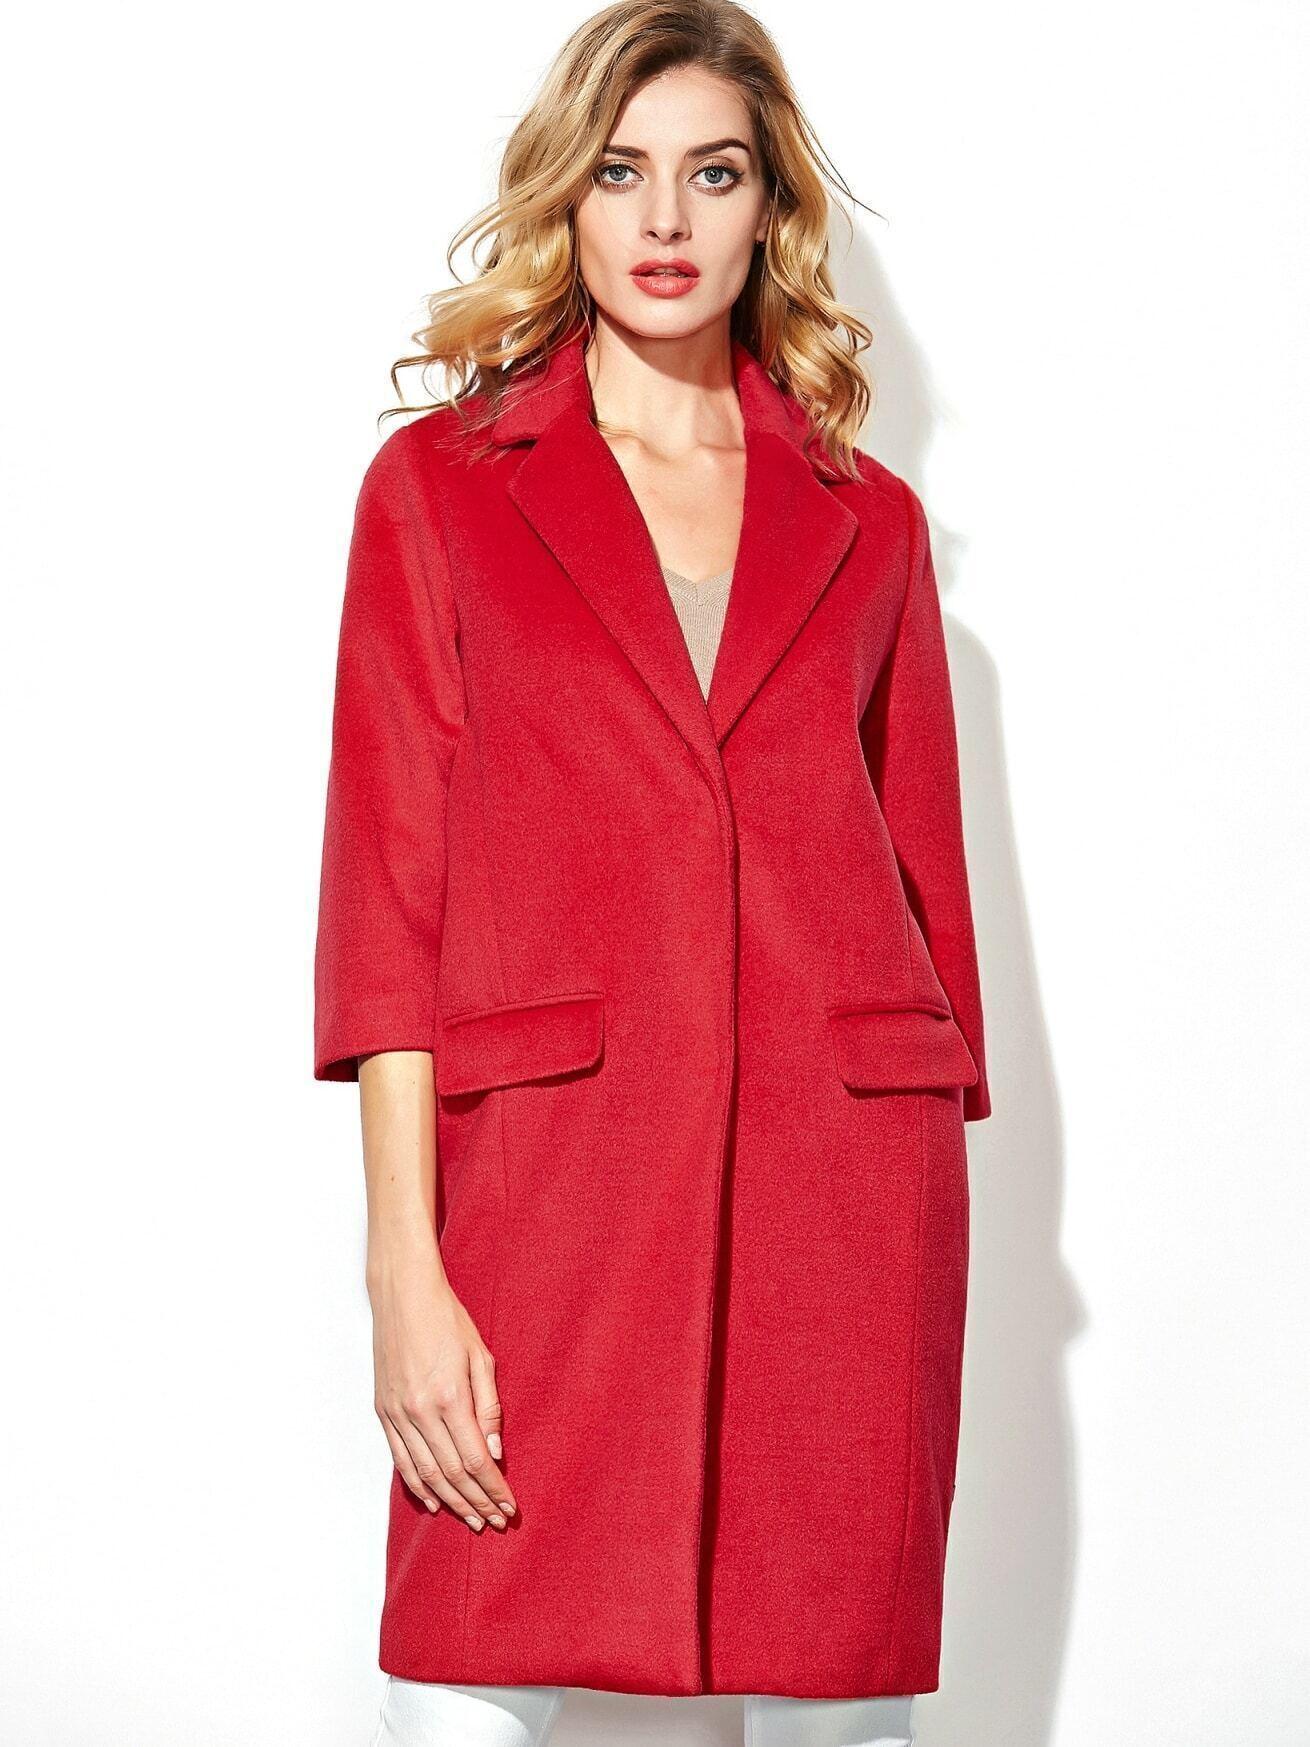 Red V Neck Length Sleeve Pockets Woolen Coat